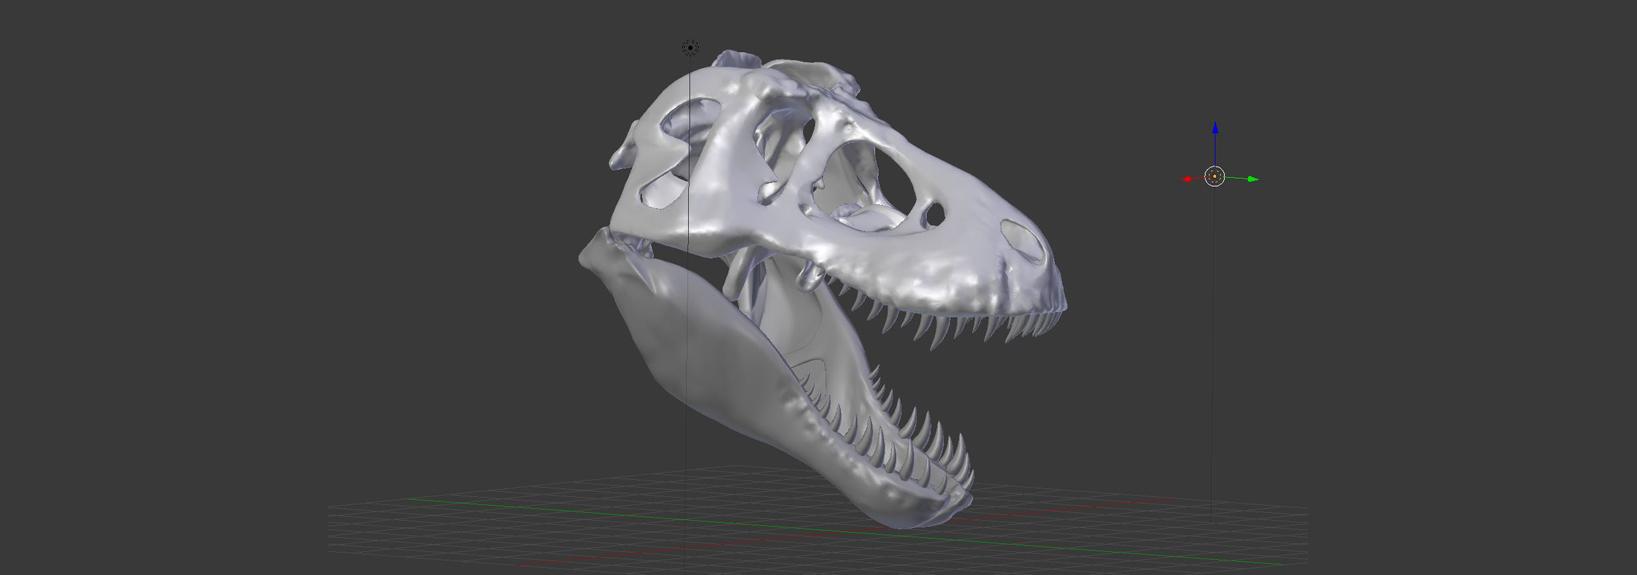 Mein nächstes Projekt: T-Rex Schädel für die Wand